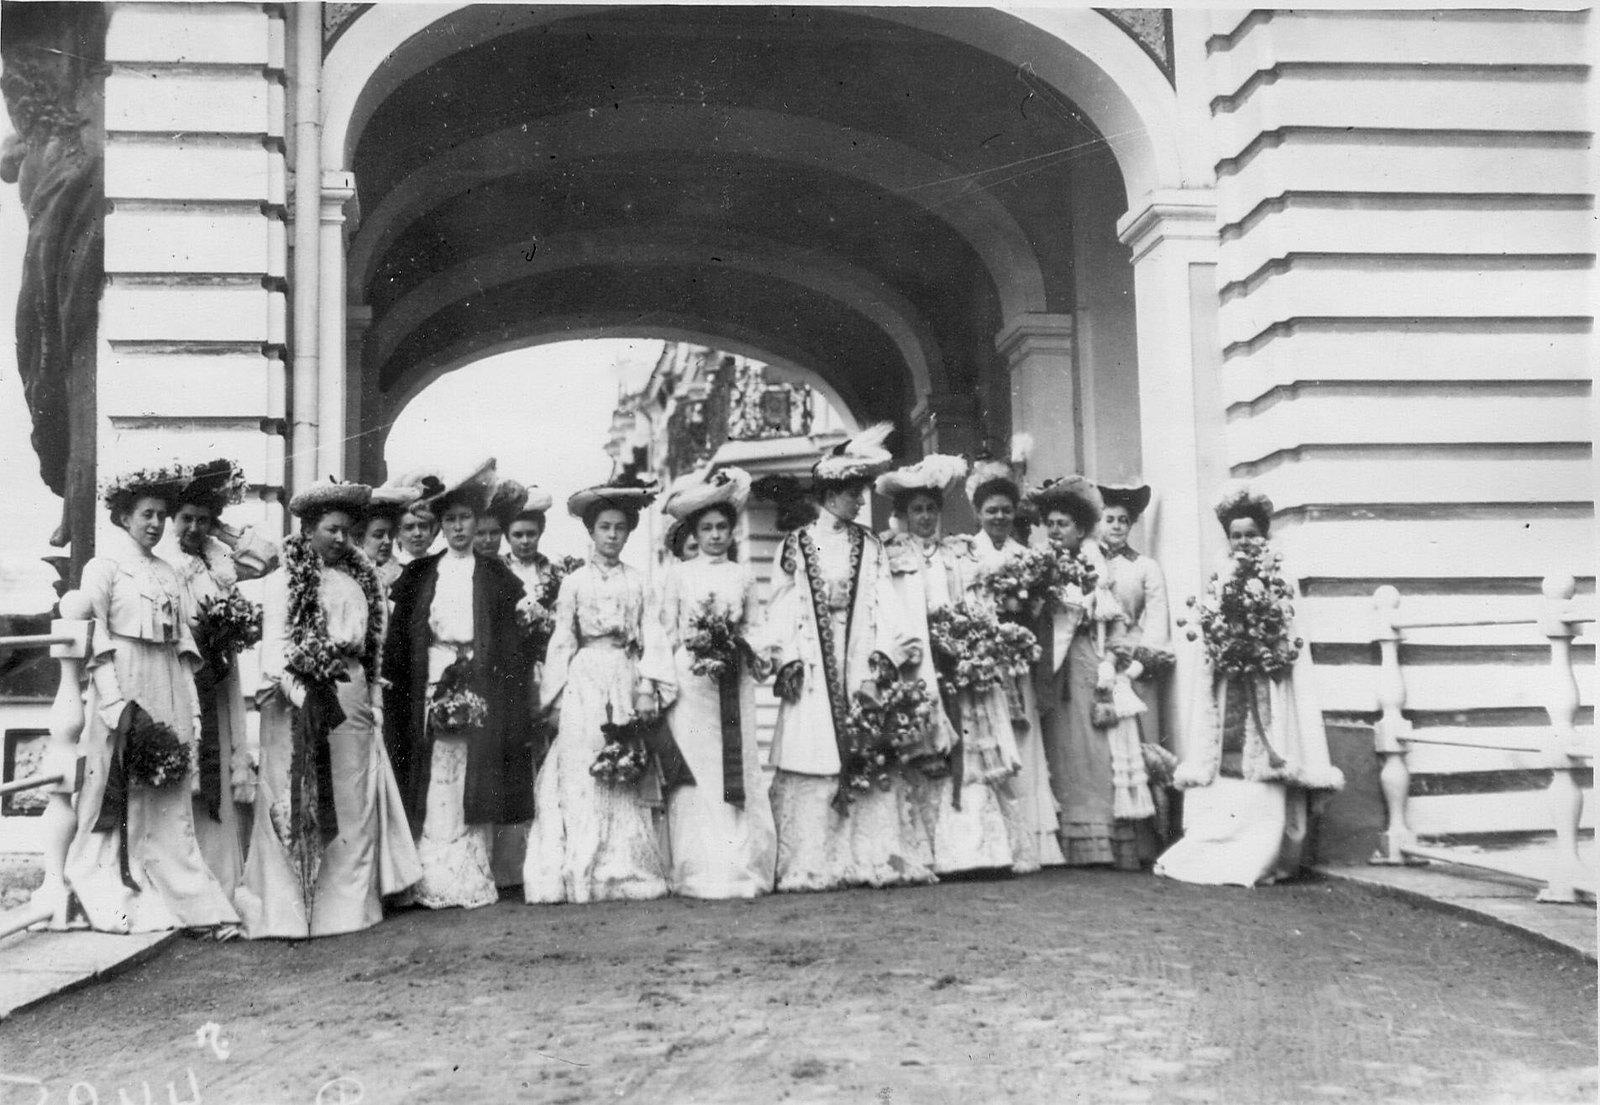 1903. Придворные дамы у Екатерининского дворца. Царское село. Апрель (вариант)